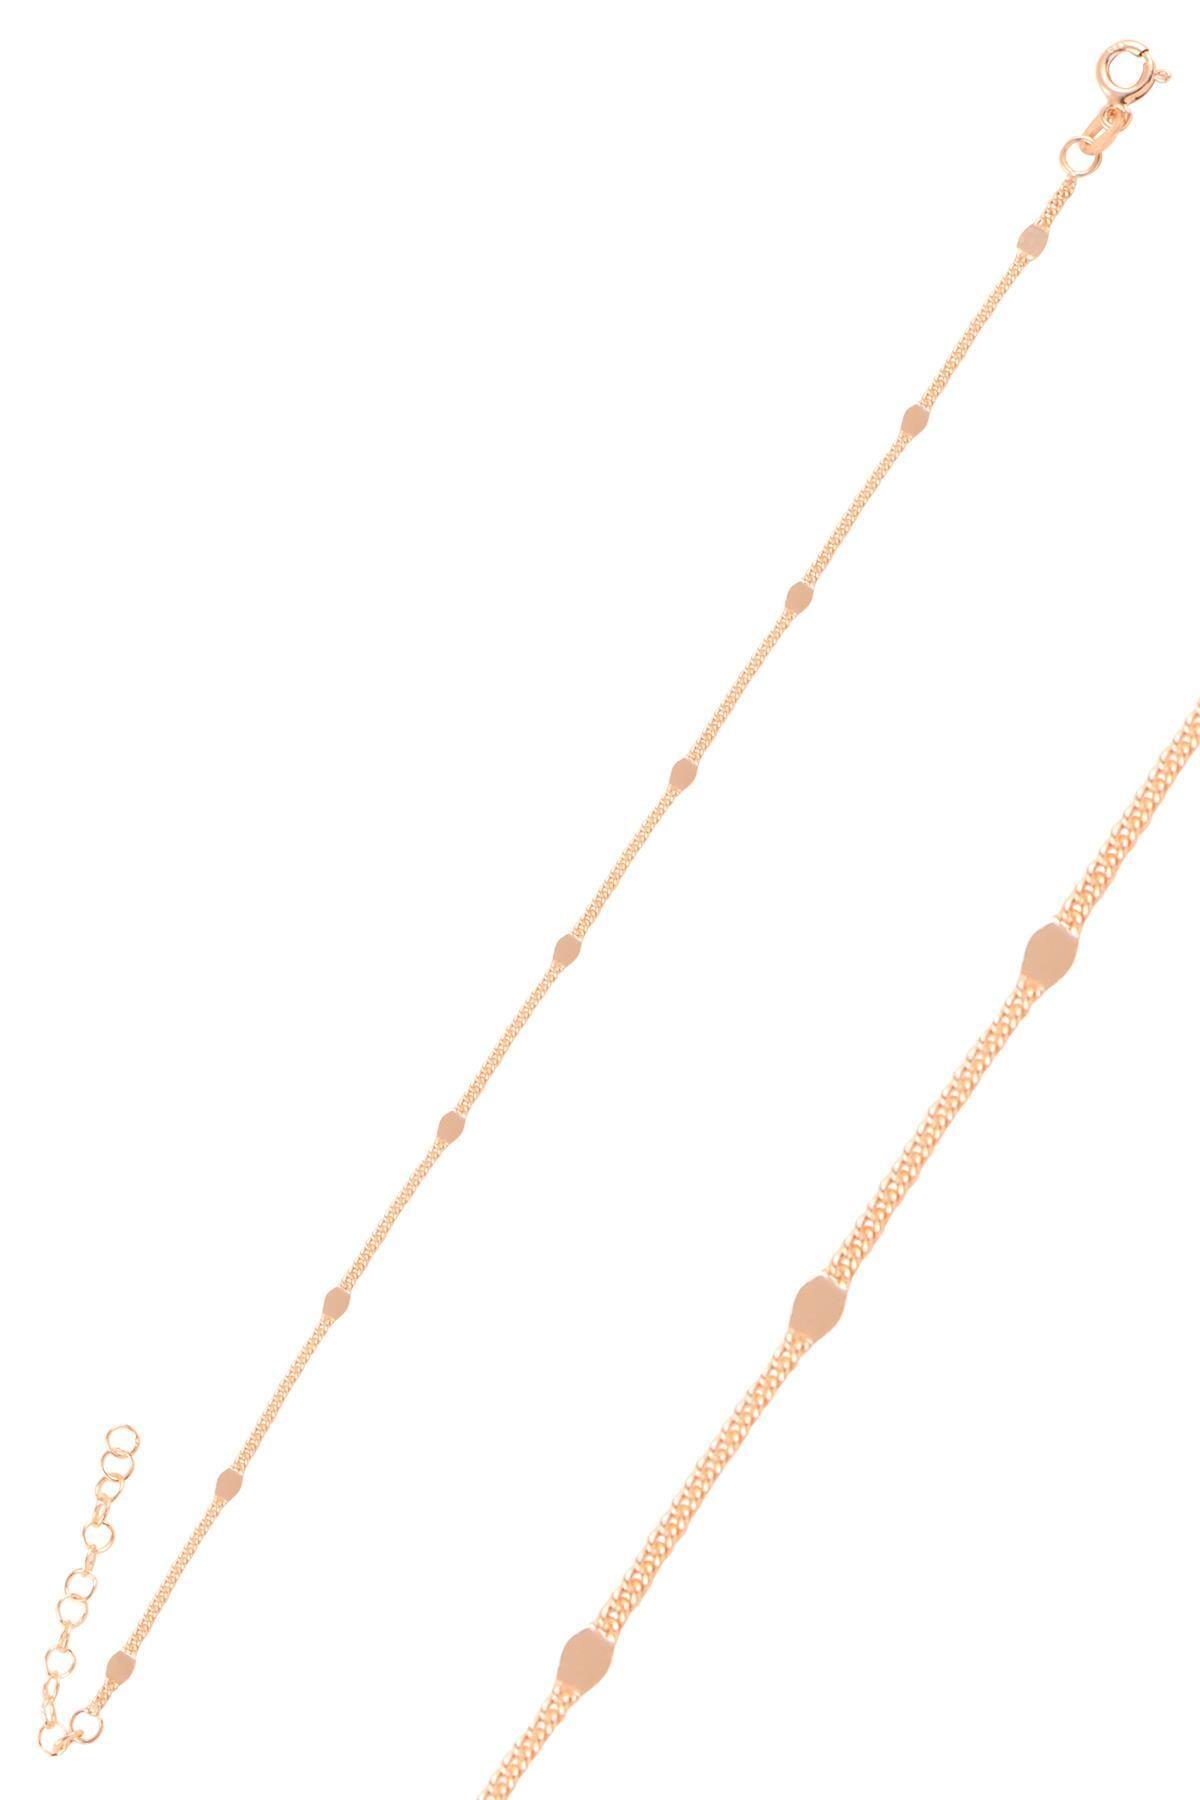 Söğütlü Silver Gümüş Rose  Pullu Gurmet  Zincir Bileklik